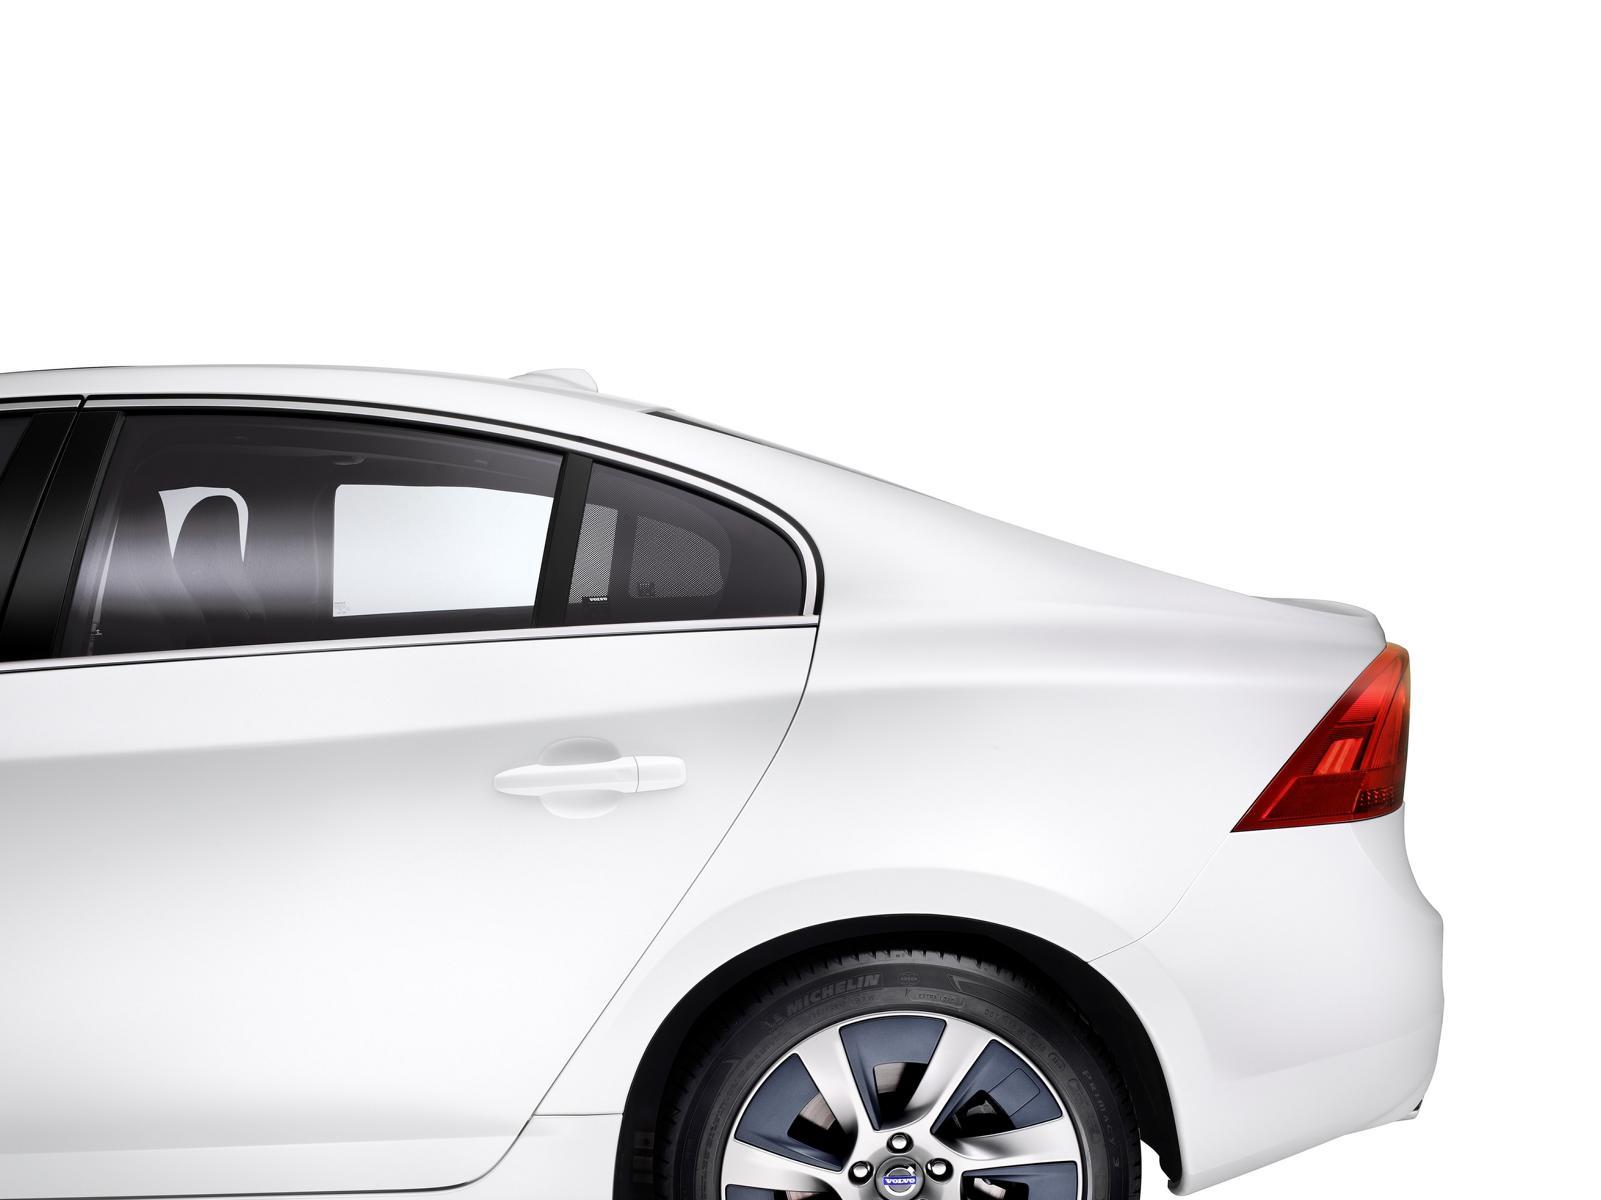 2014 volvo s60l pphev concept car. Black Bedroom Furniture Sets. Home Design Ideas